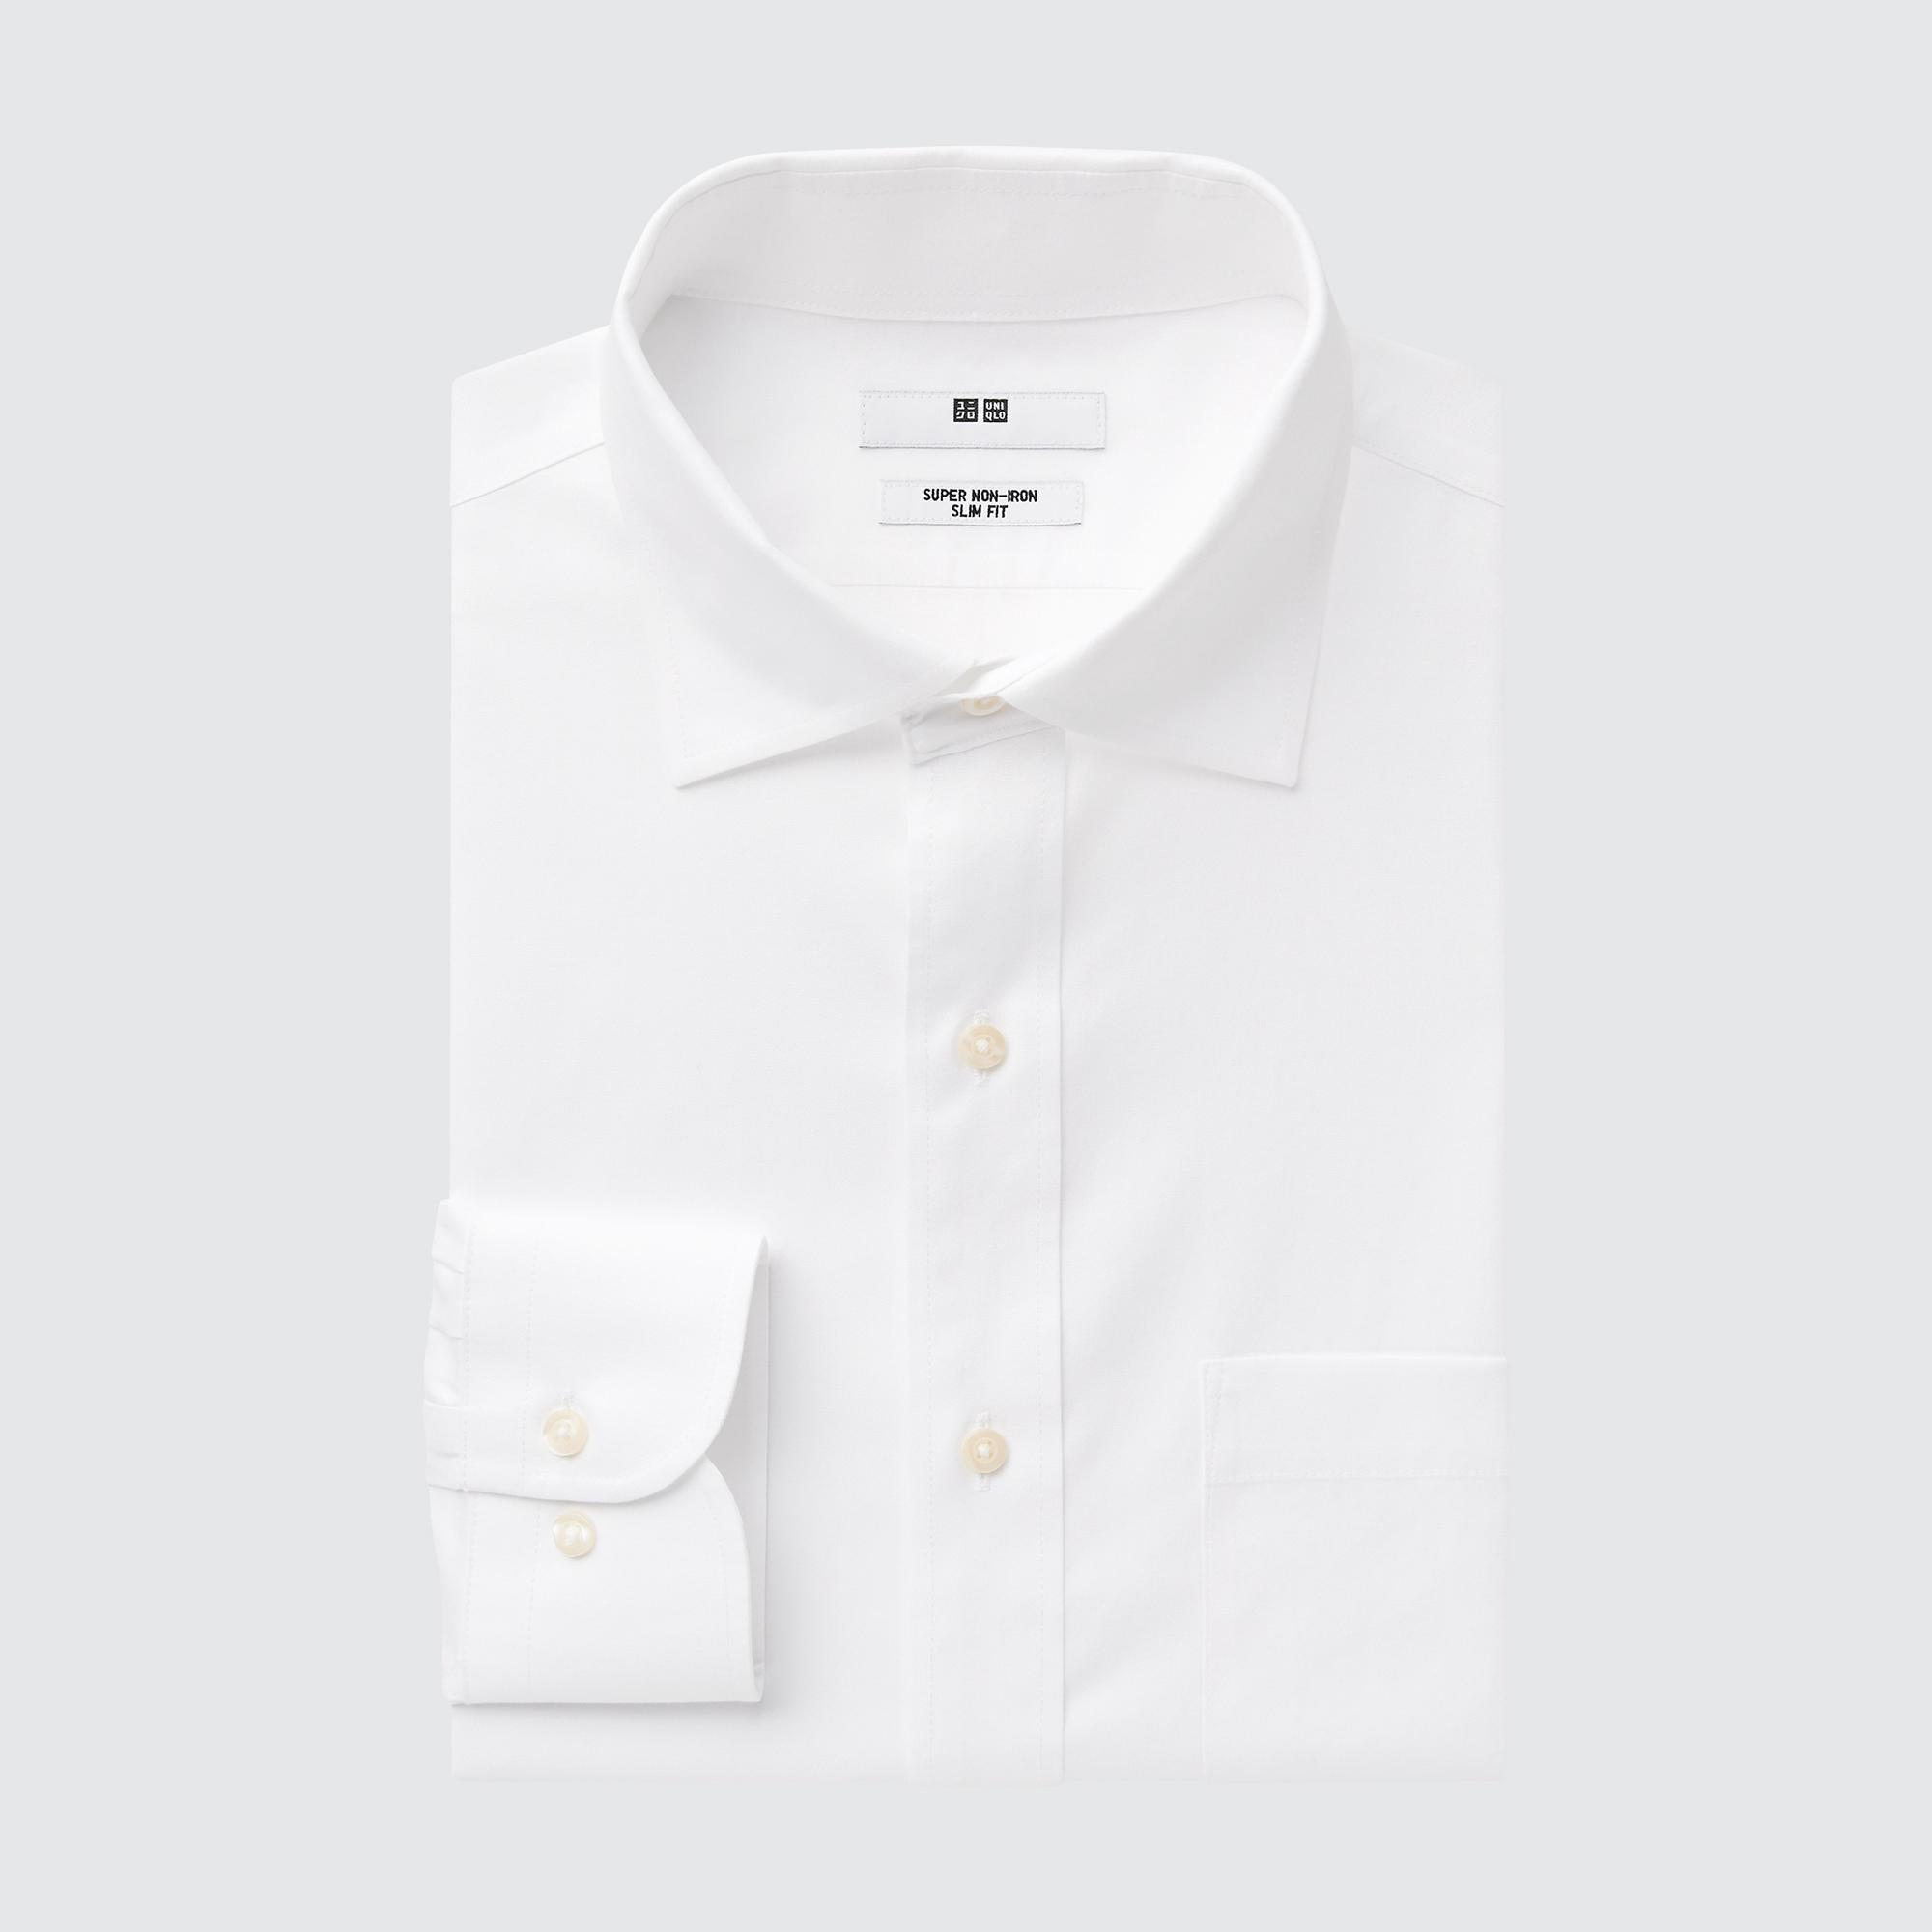 ユニクロのおすすめワイシャツは、ファインクロススーパーノンアイロンスリムフィットシャツ